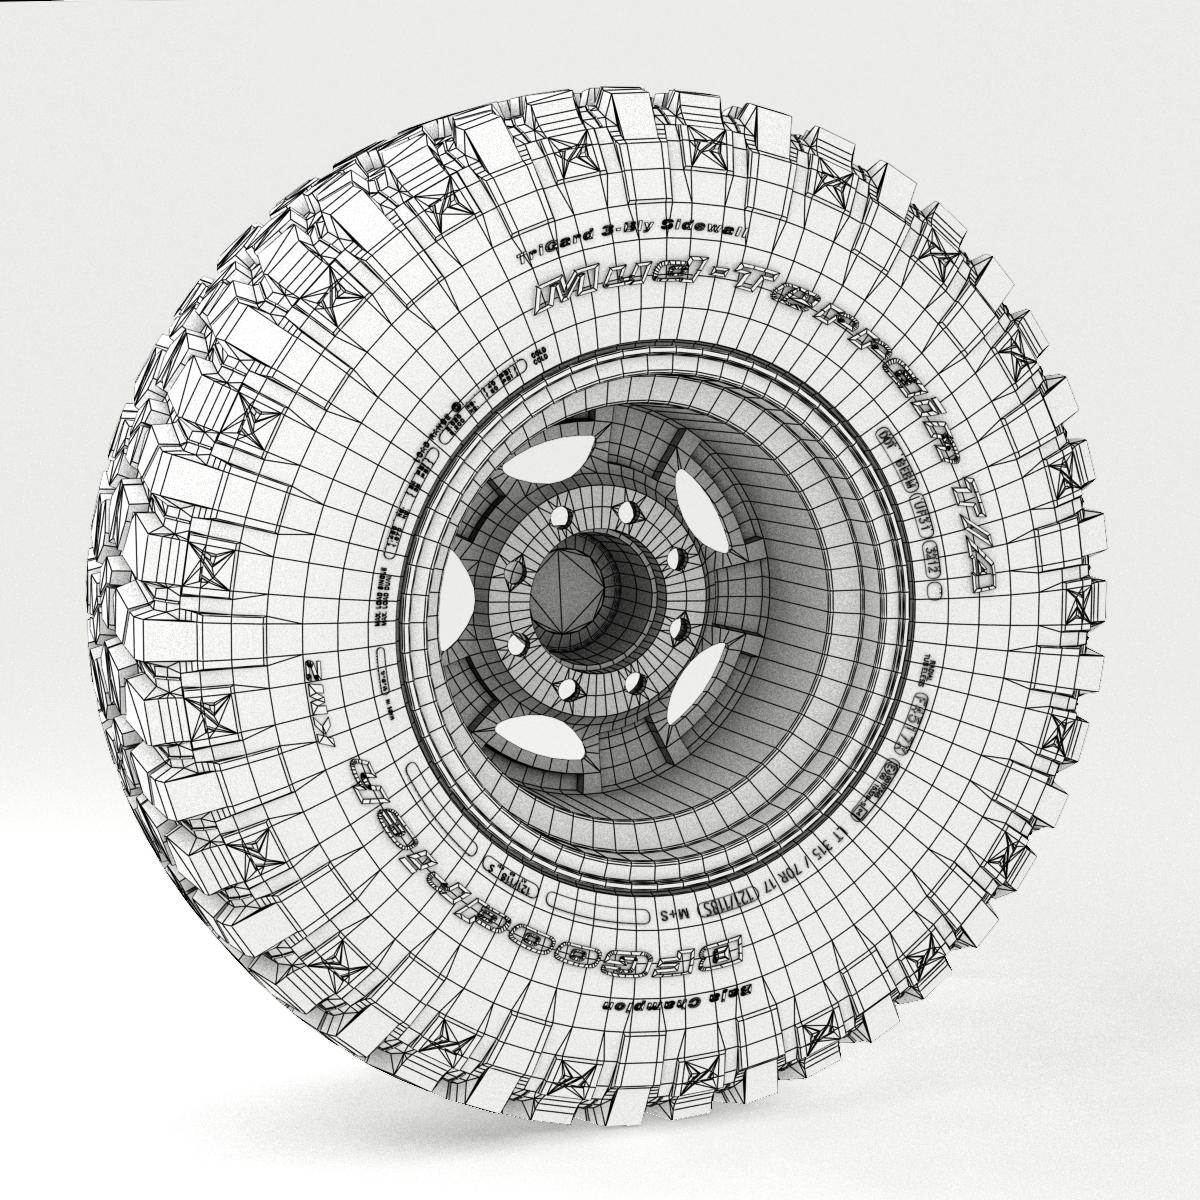 off road wheel and tire 3 3d model 3ds max fbx tga targa icb vda vst pix obj 224454